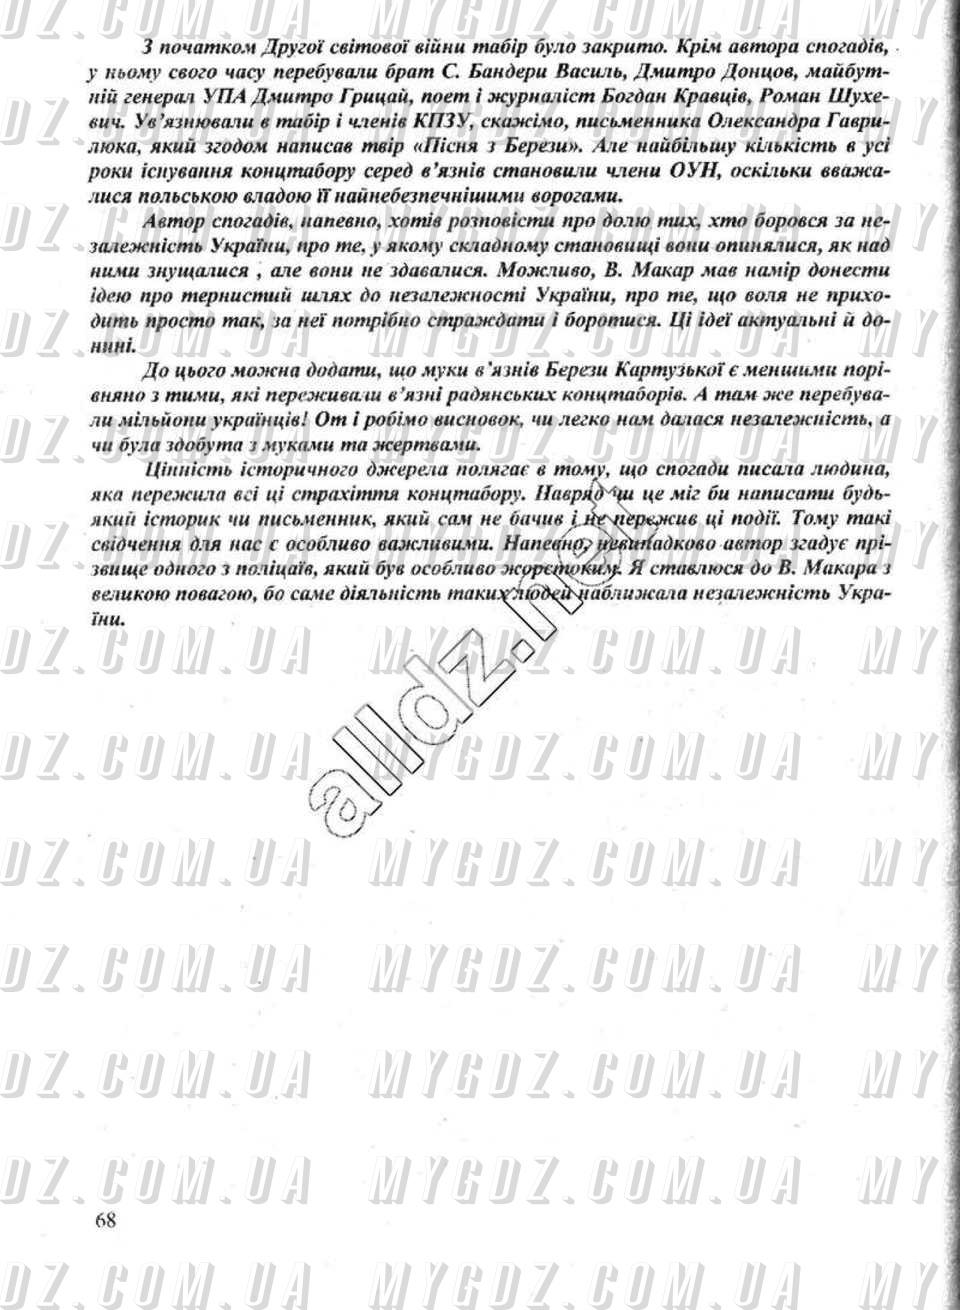 ГДЗ Сторінка 68 2015 Лебедєва 11 клас